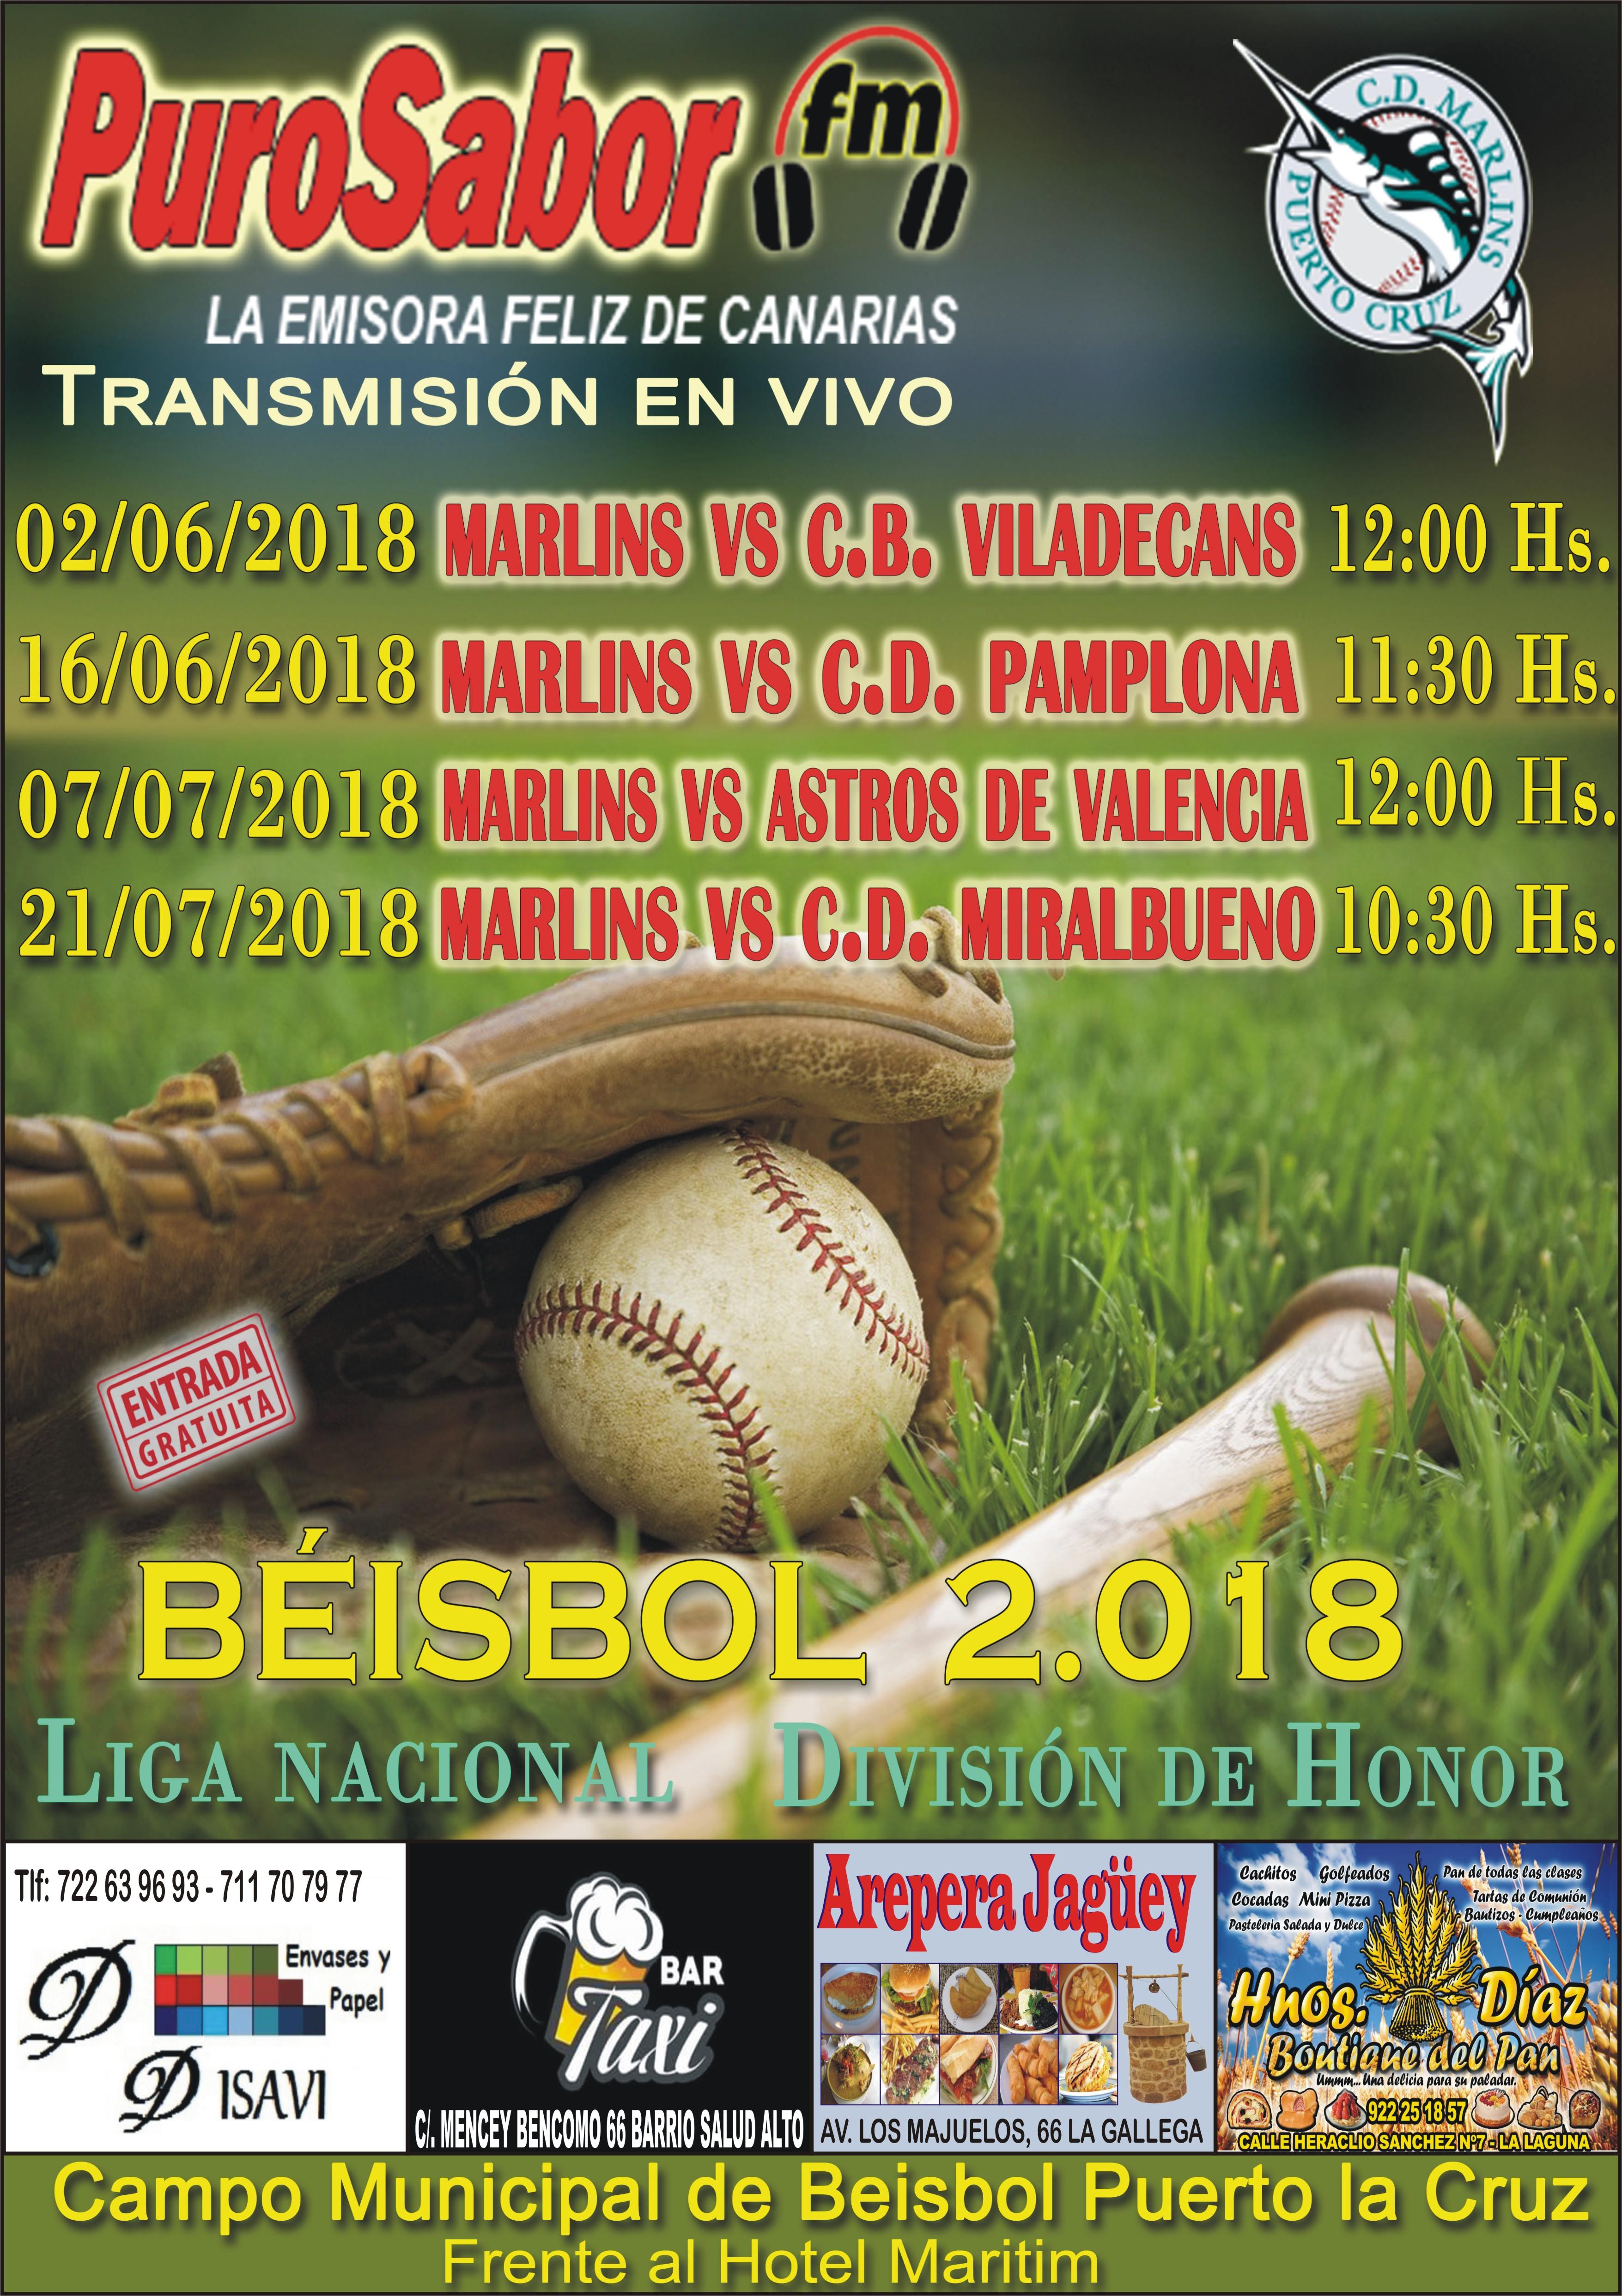 CARTEL BEISBOL MAYO 2018 DOS